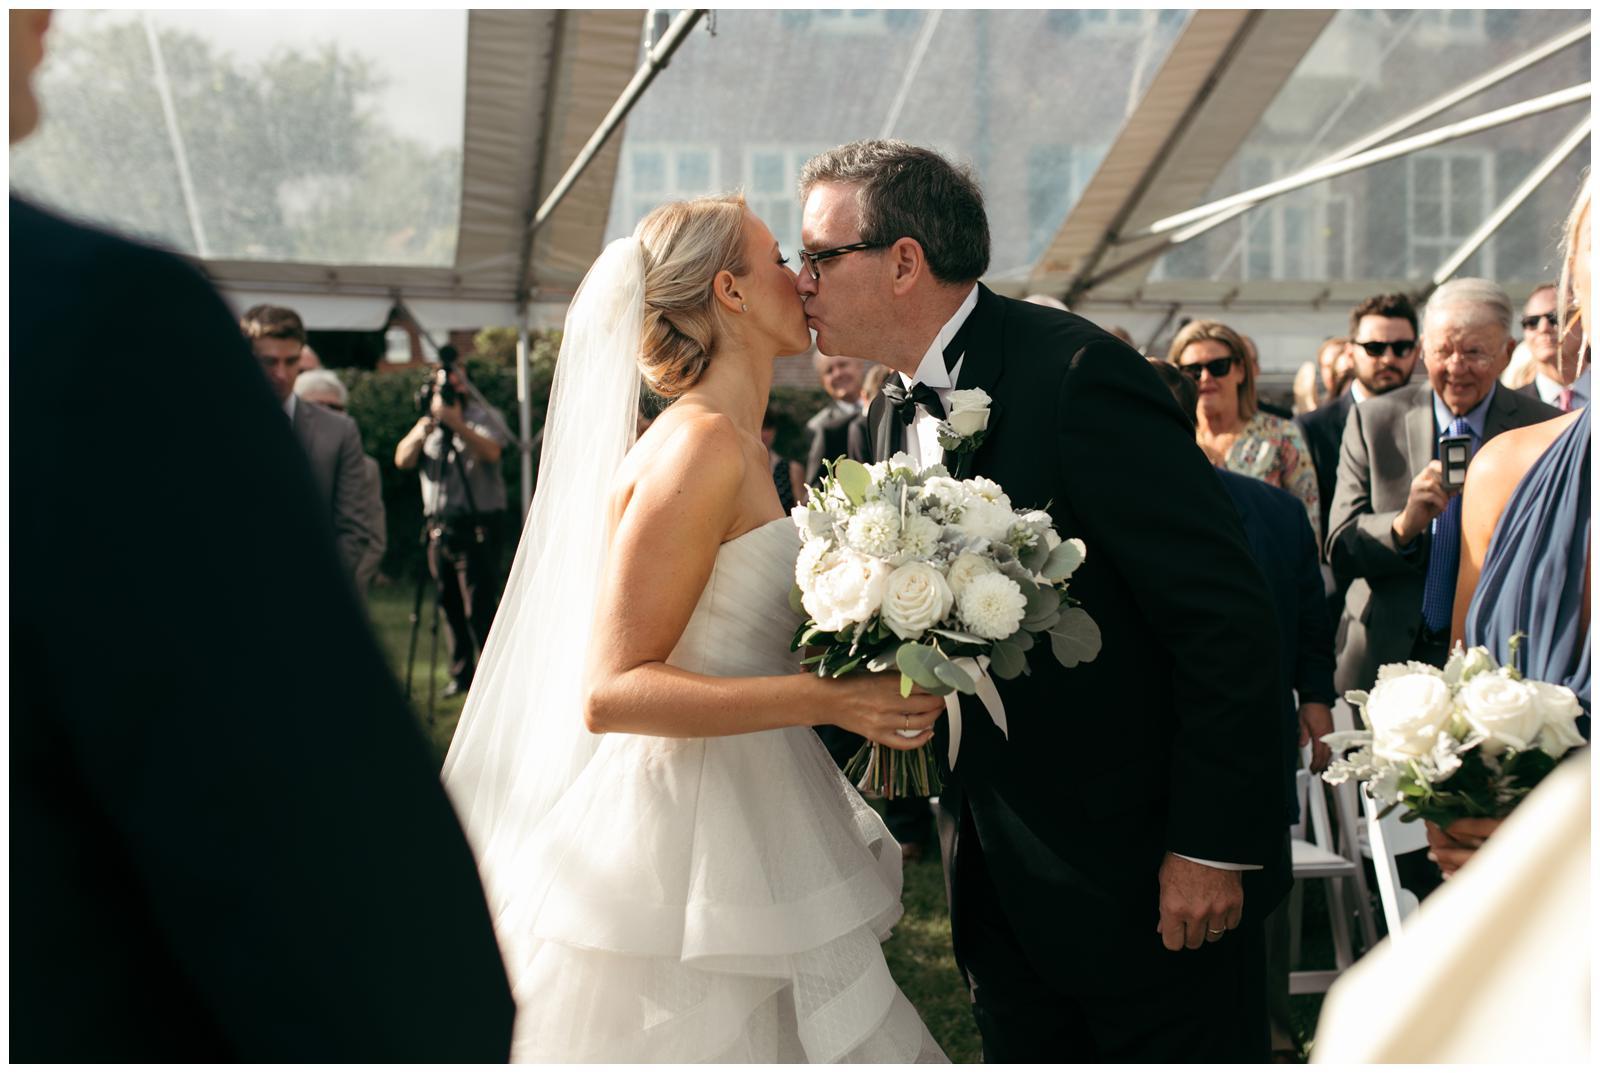 Misselwood wedding tent